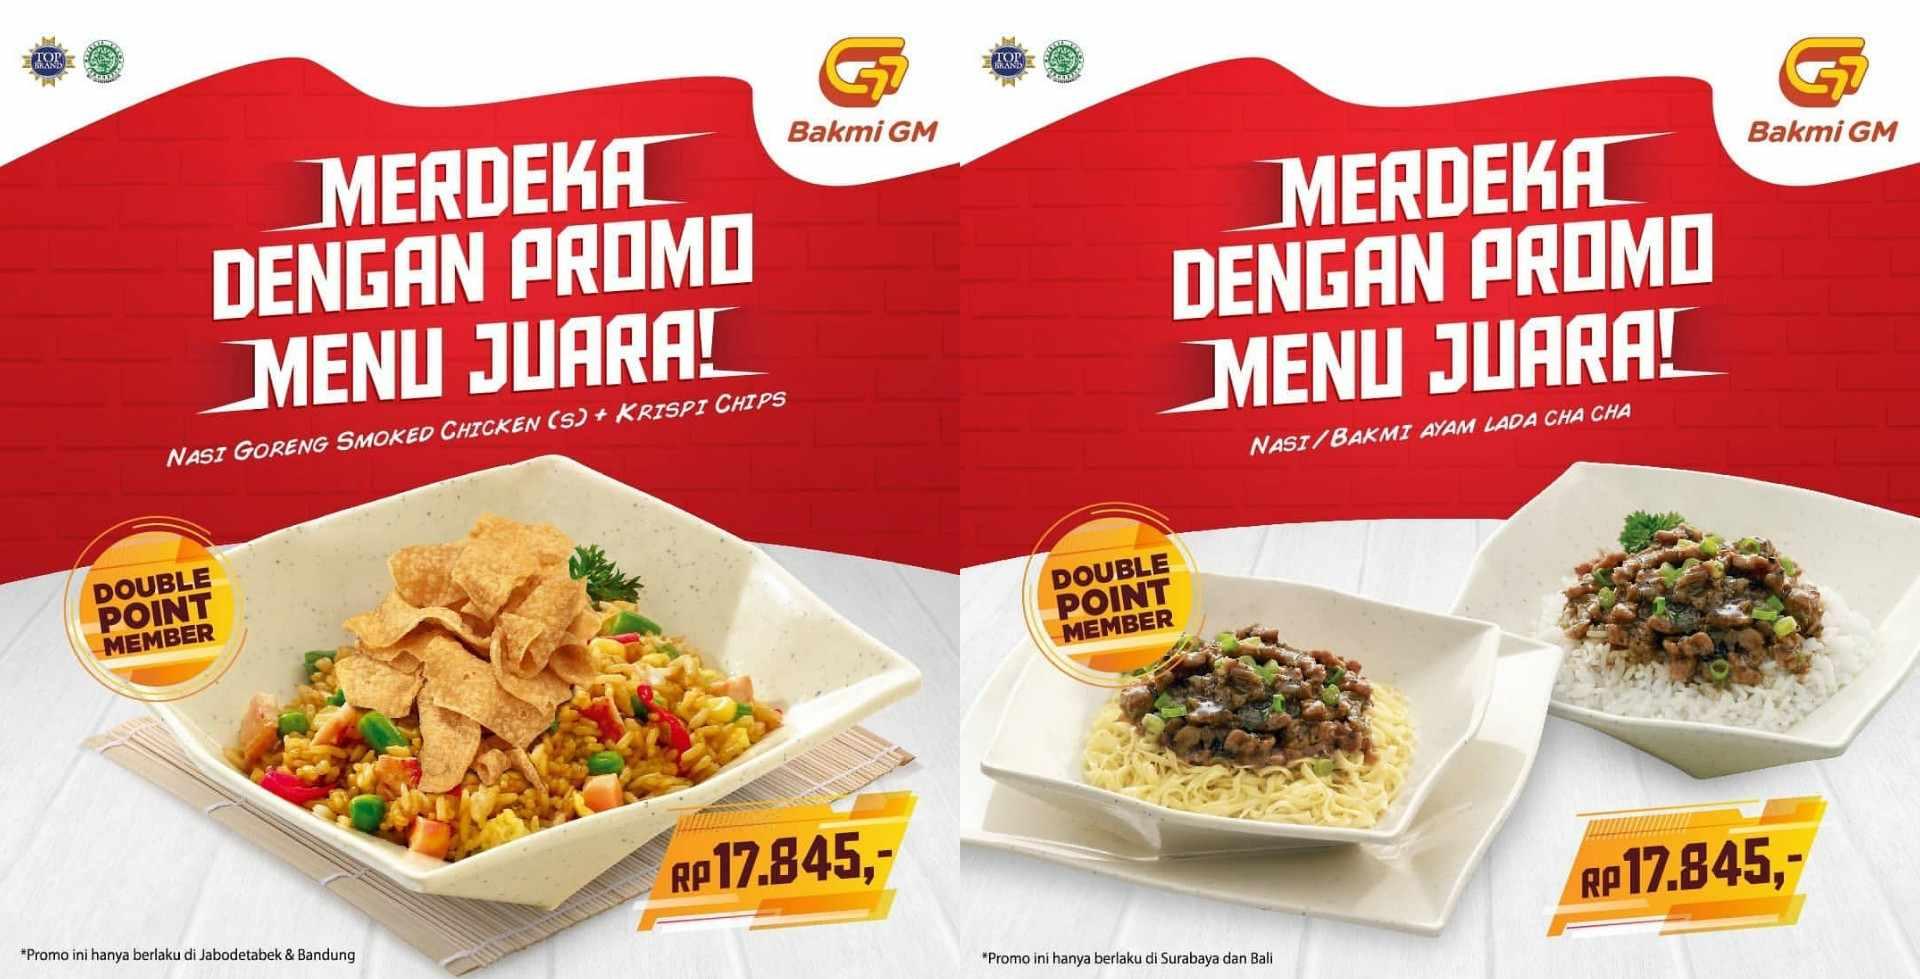 BAKMI GM Promo Merdeka only Rp.17.845*